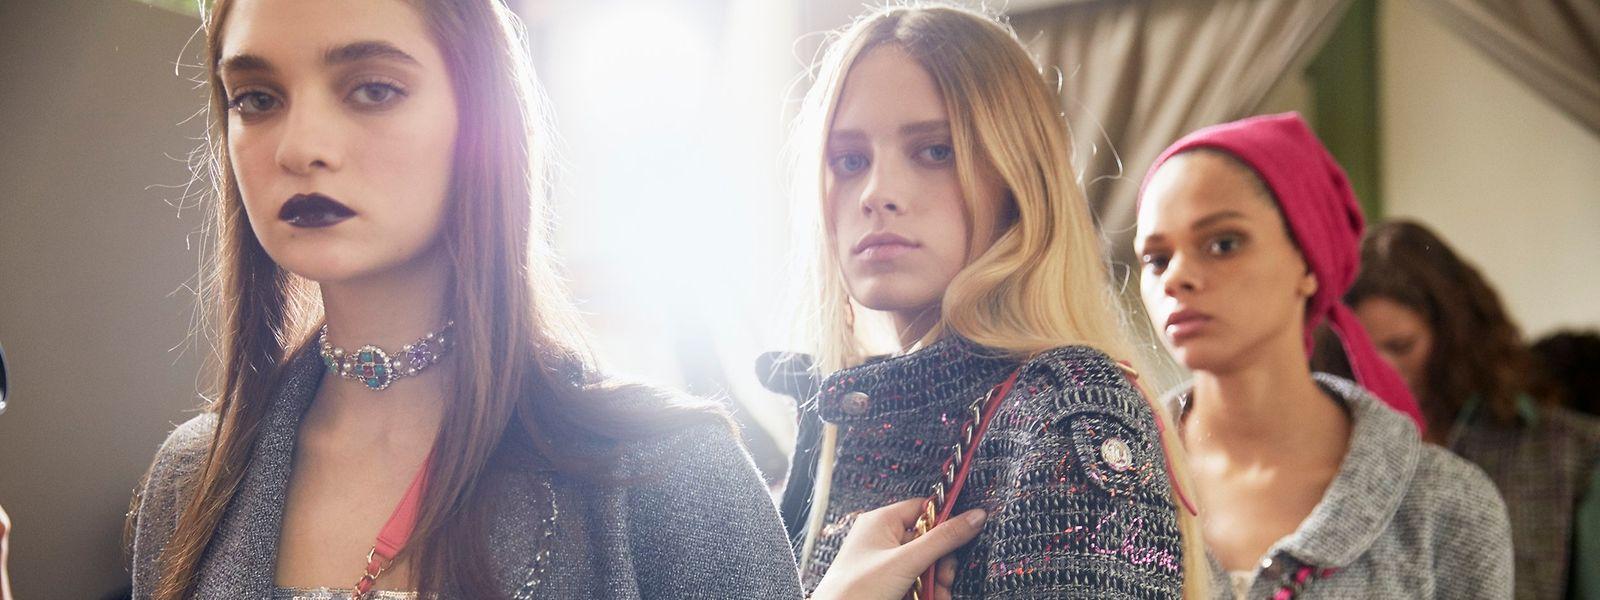 Eingewebte Glitzerfäden verleihen Tweed-Jacken in schlichten Grauschattierungeneine eine gehörige Portion Glamour.